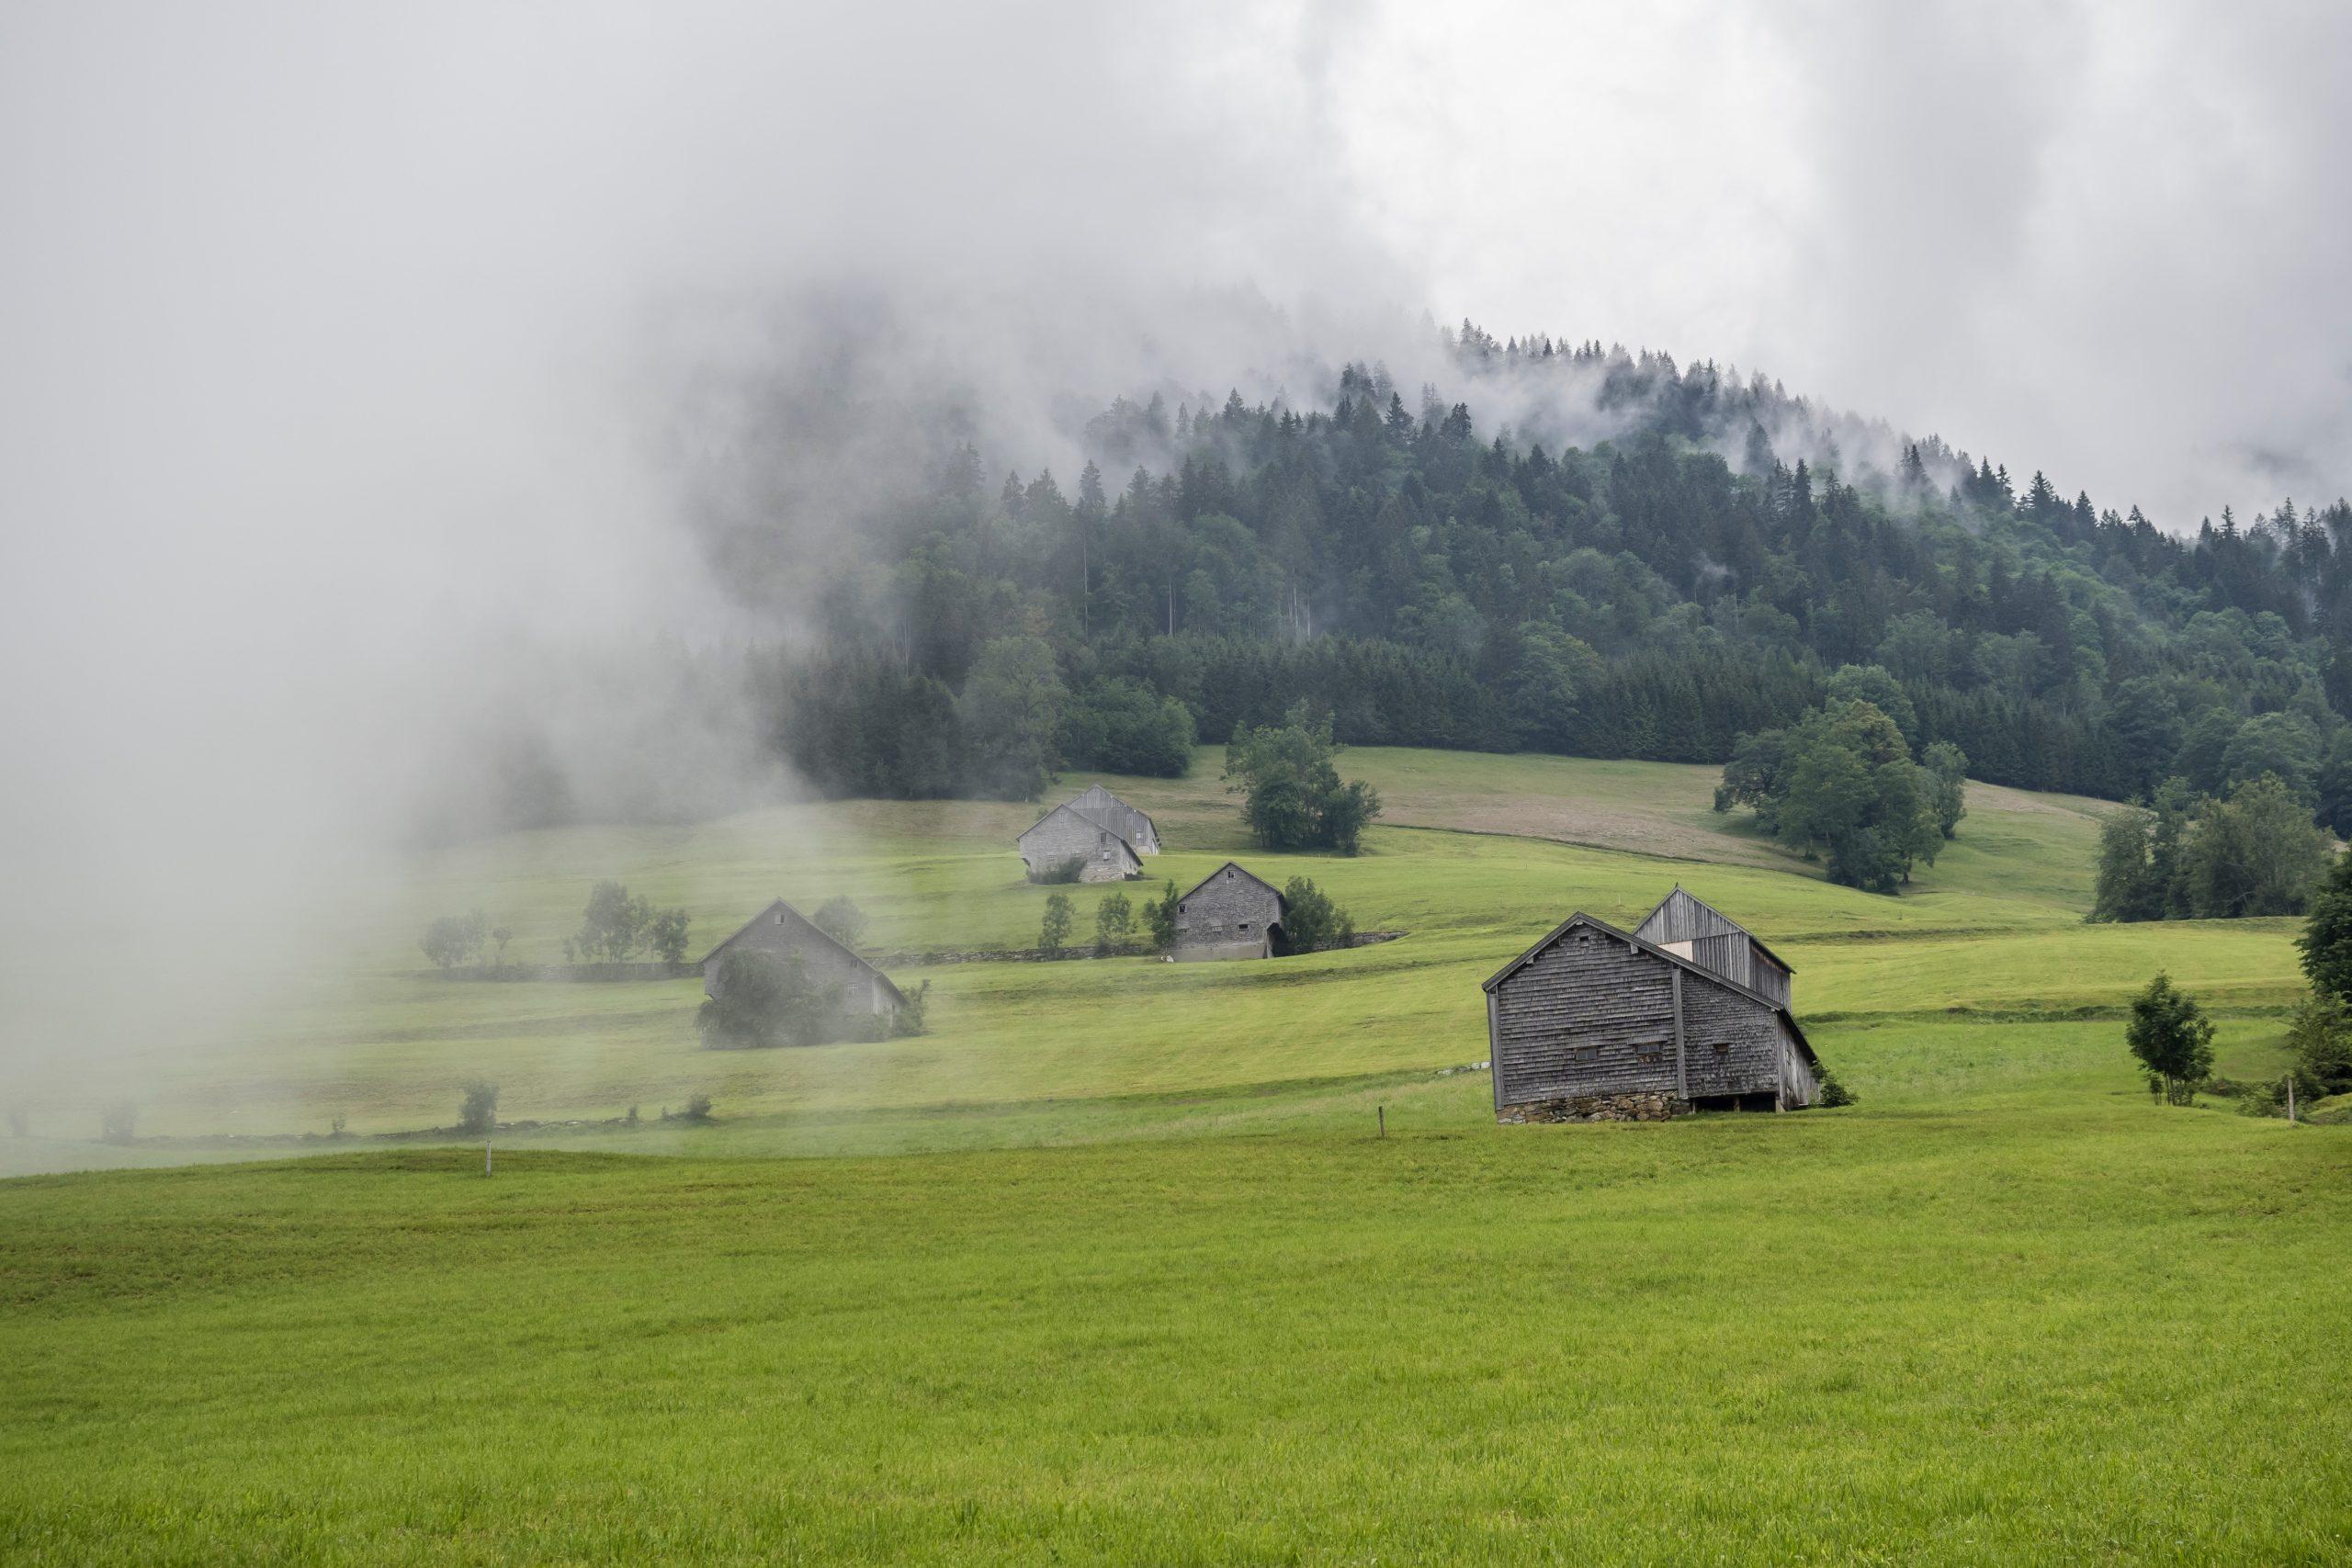 Einlagerungen in unserer ländlichen Lager im Bauernhof bei München (Foto von Hans-Jörg Keller via unsplash